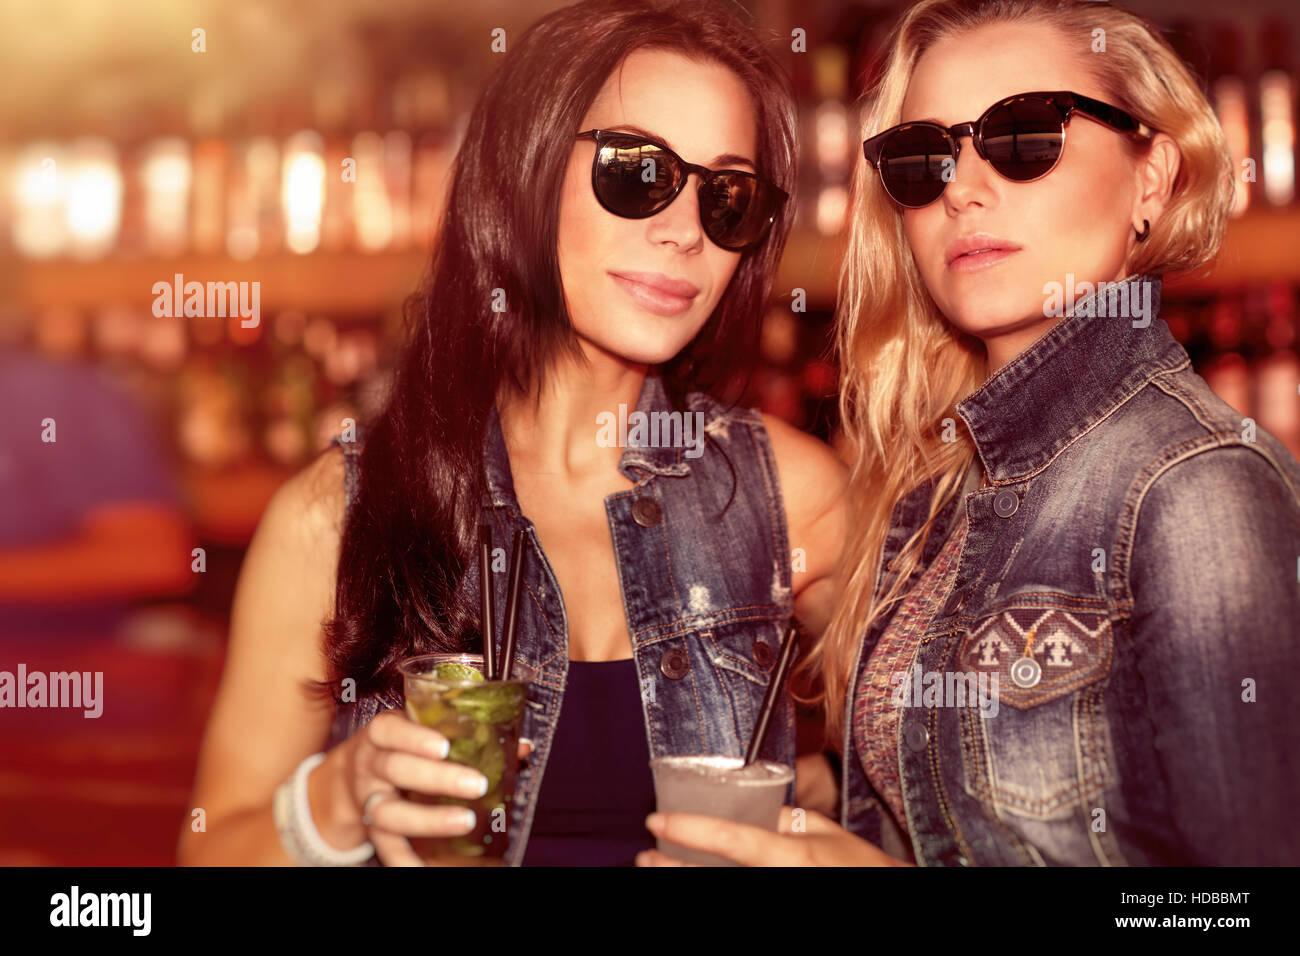 Dos bellísimas mujeres con bebidas refrescantes divirtiéndose en el bar al aire libre, vistiendo elegantes Imagen De Stock